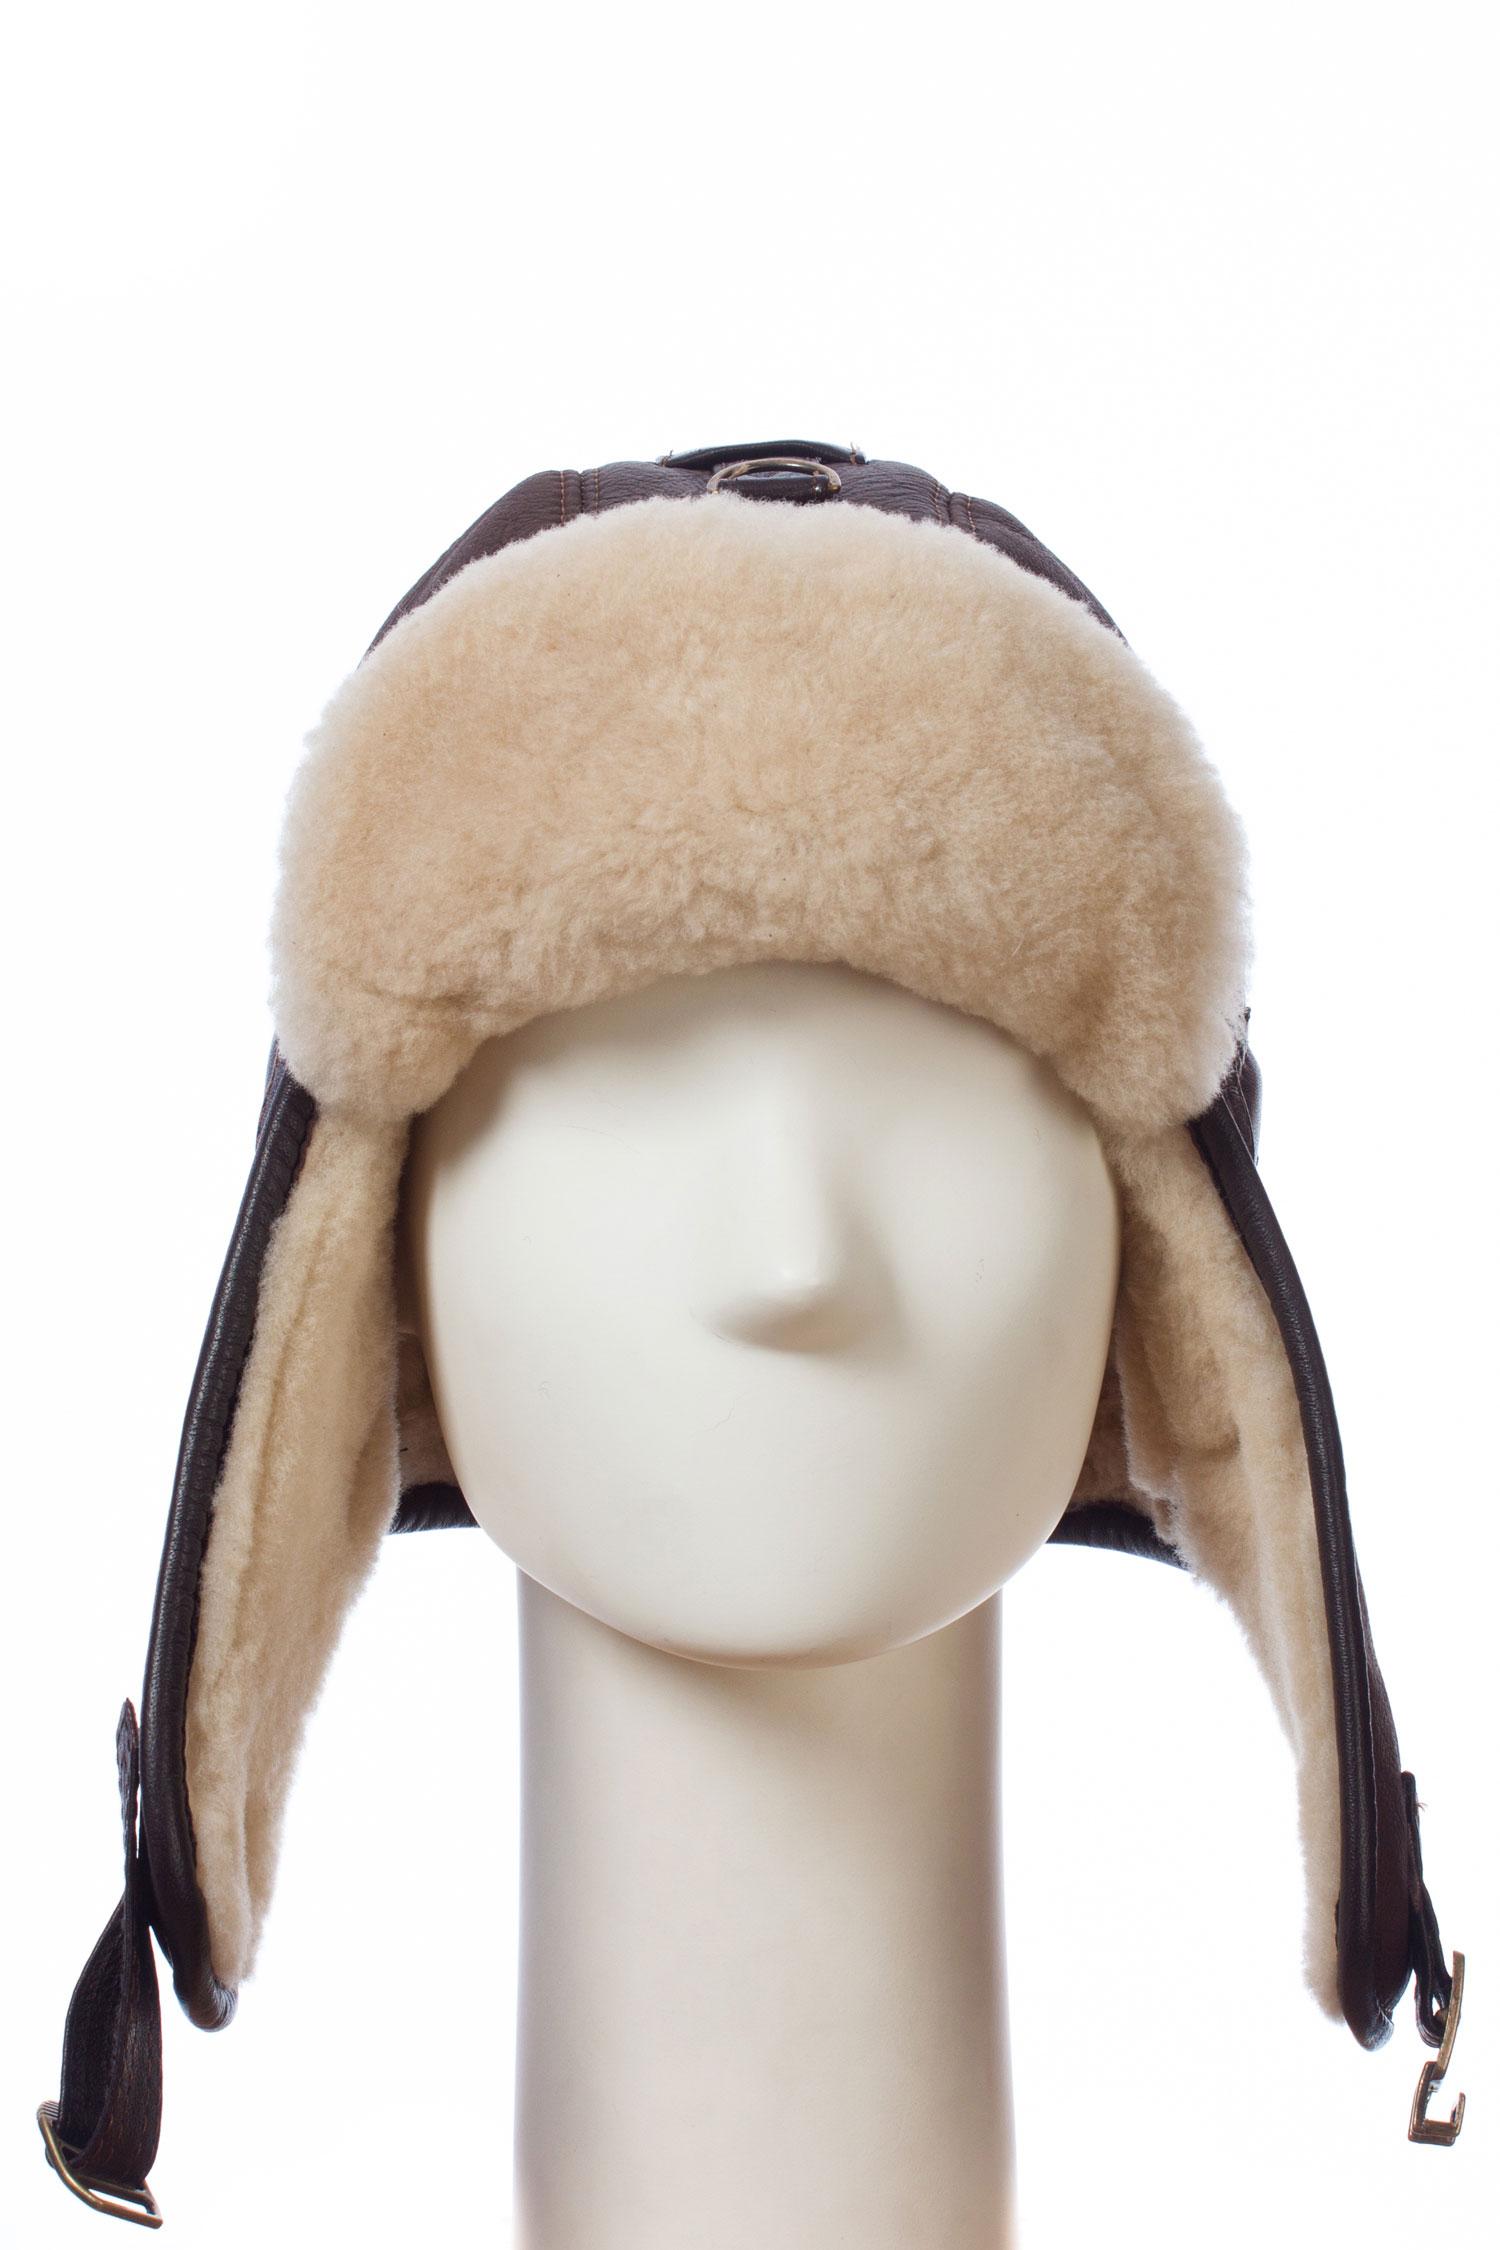 Шапка мужская из натуральной кожи и овчиныШапка мужская модель ПИЛОТ, выполнена из натуральной кожи с отделкой из ОВЧИНЫ.<br><br>Материал: Овчина<br>Цвет: коричневый<br>Размер RU: 58-59